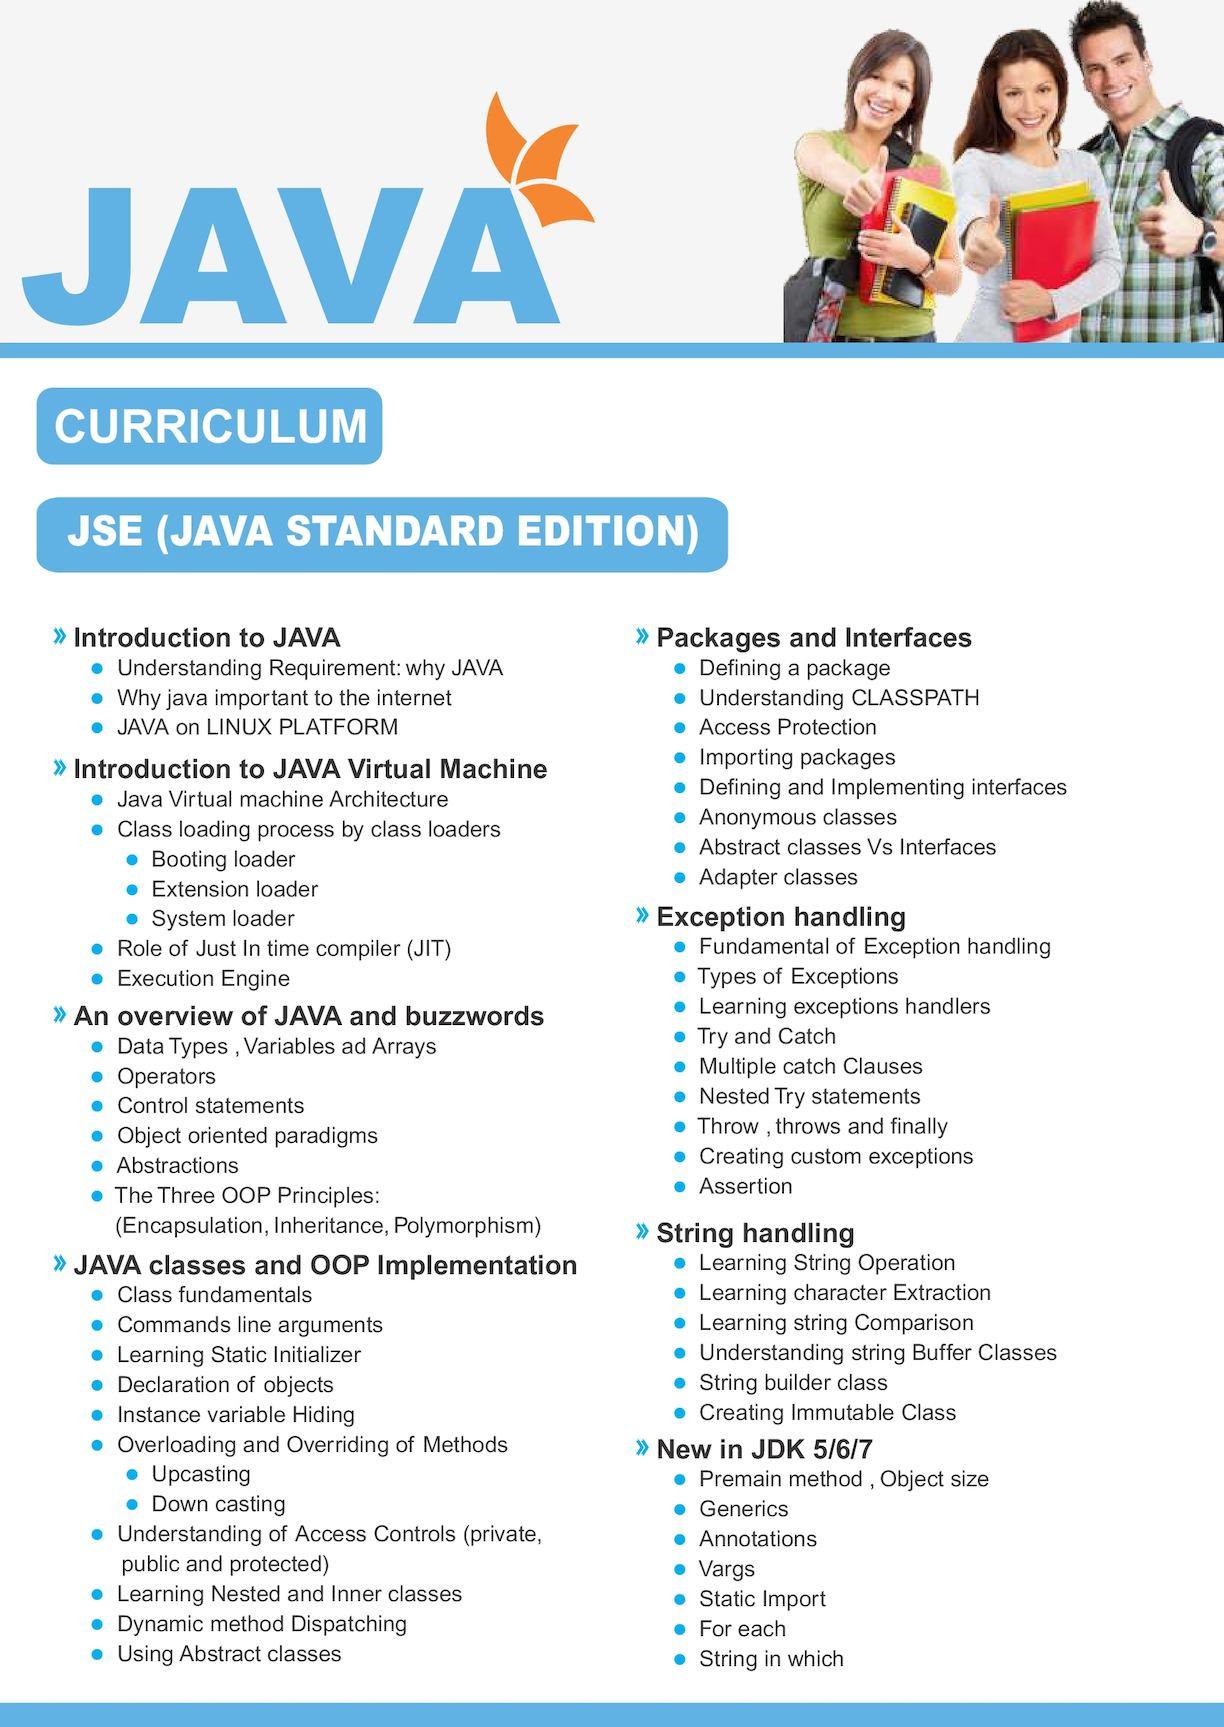 Calaméo - CORE JAVA Training & Certification Institutes In